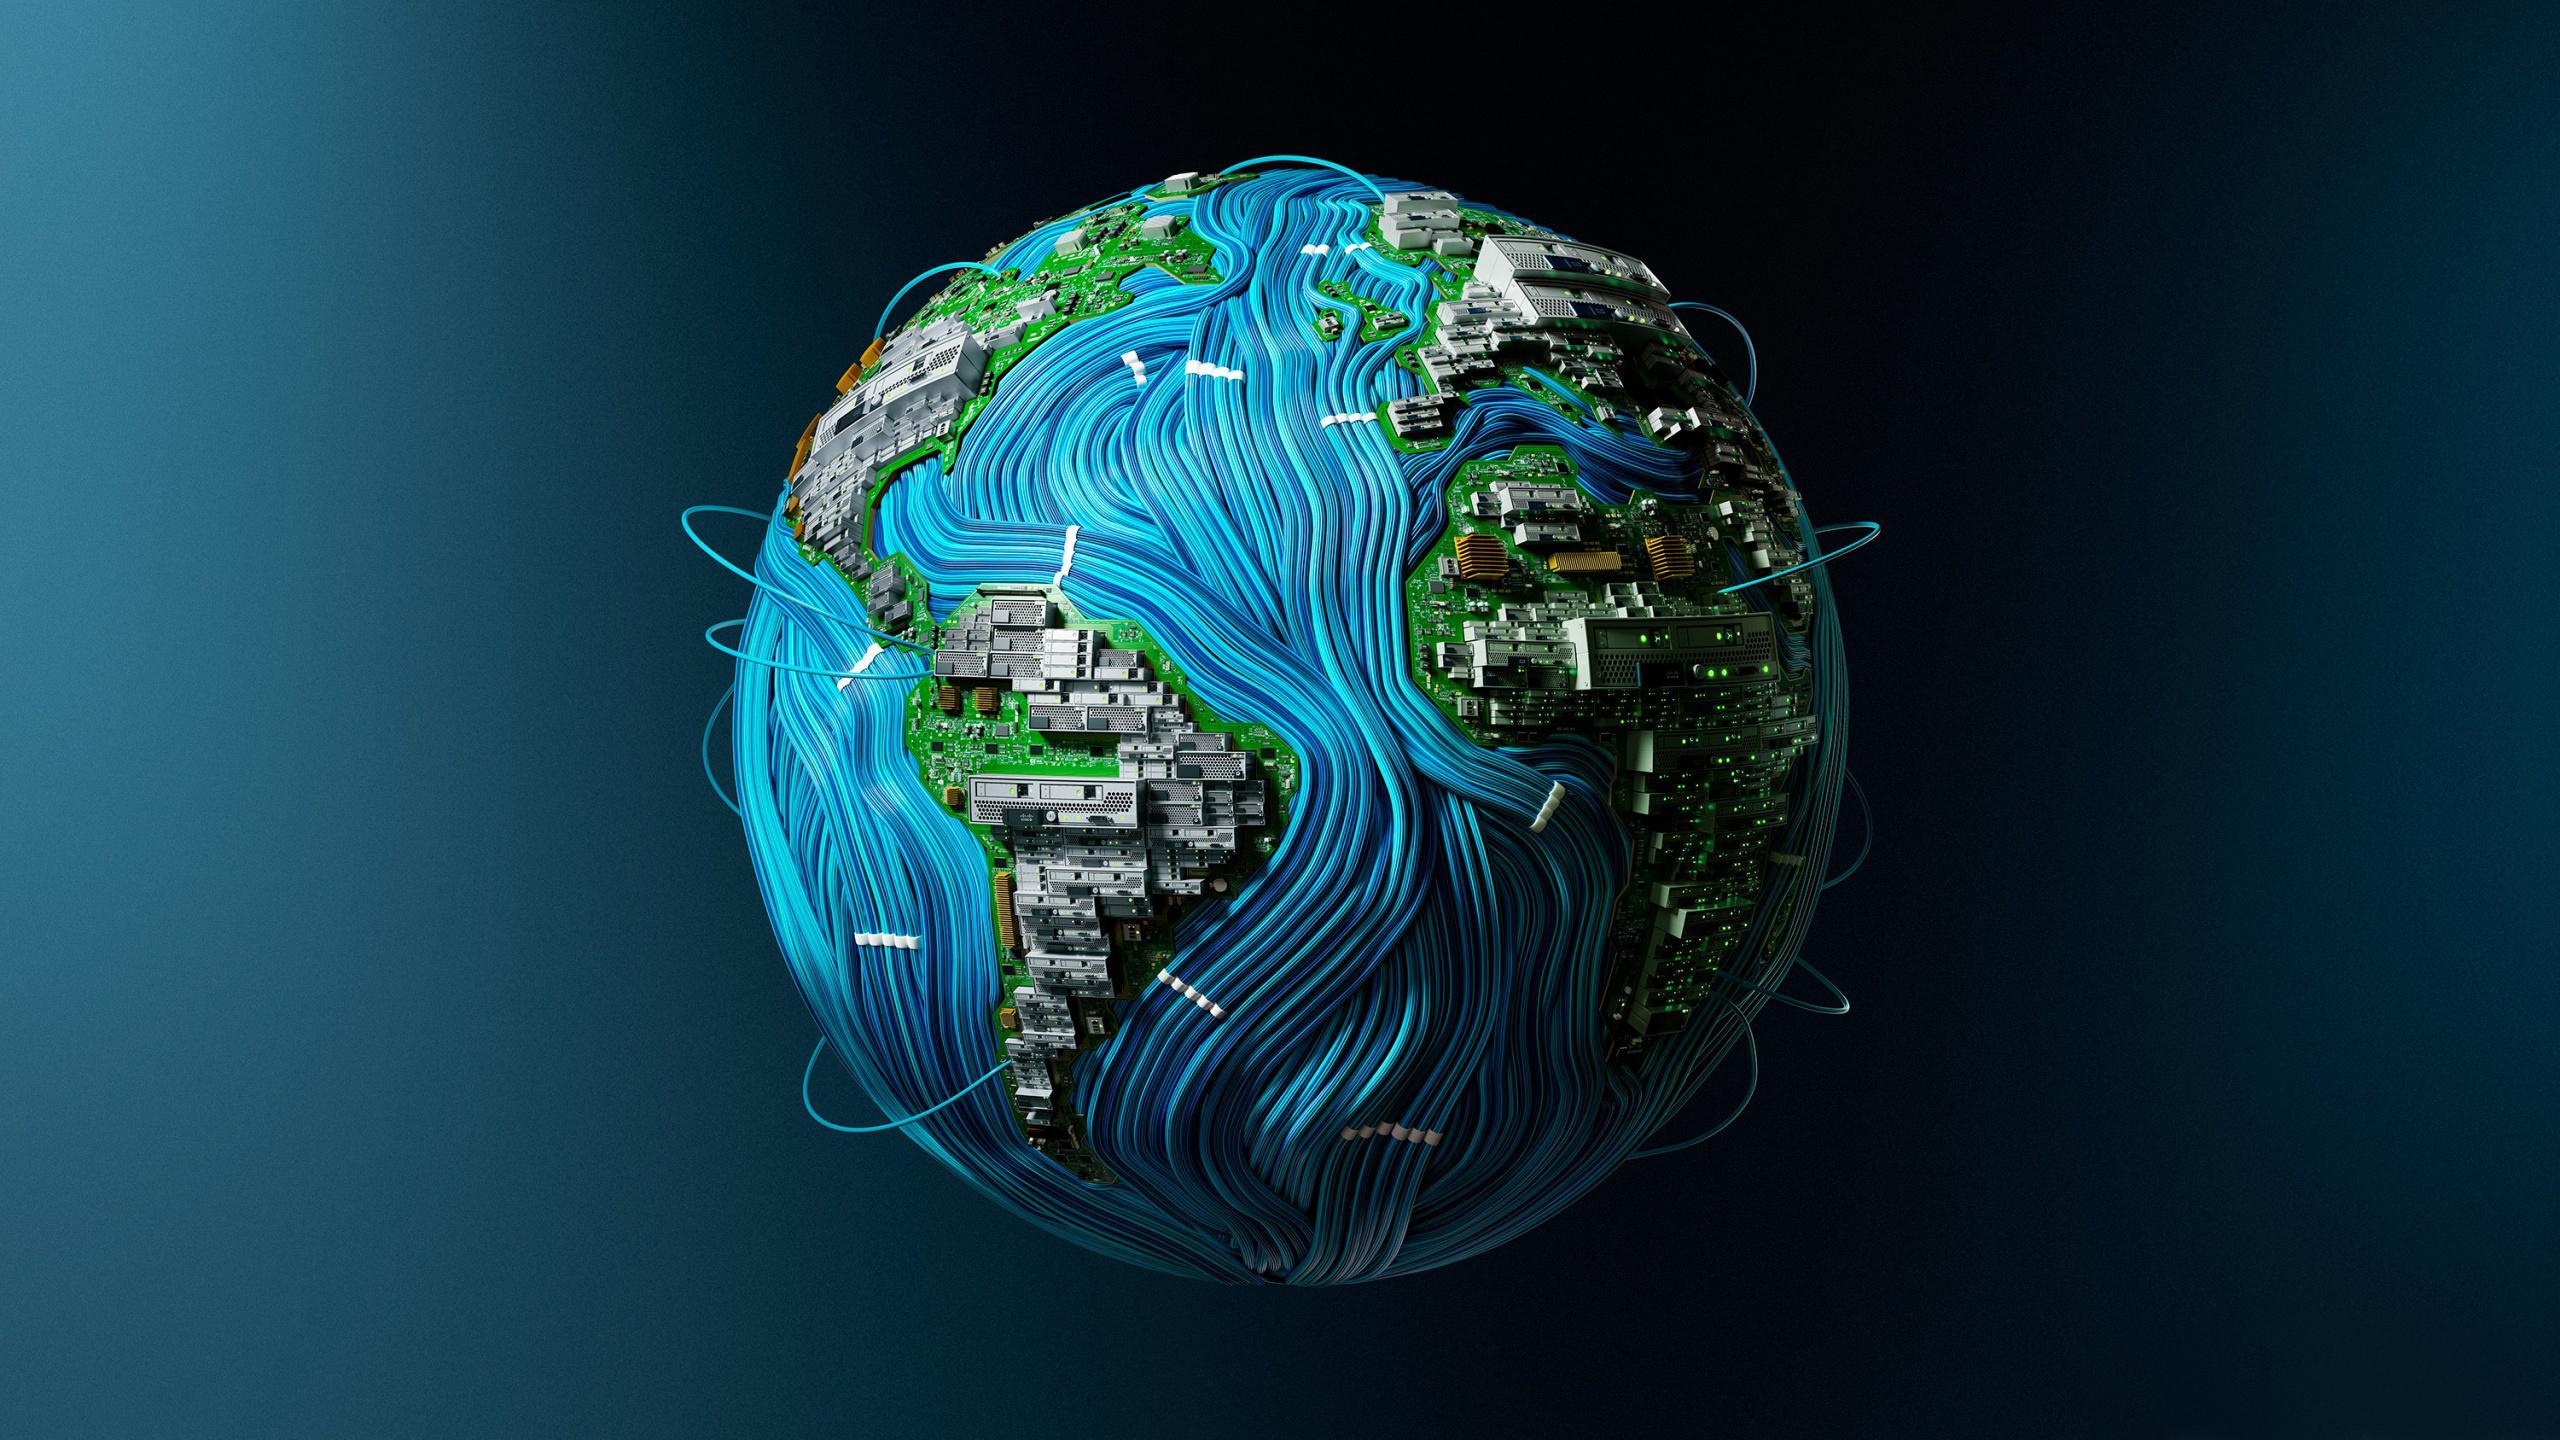 Мир высоких технологий сеть космос компьютер интернет земля